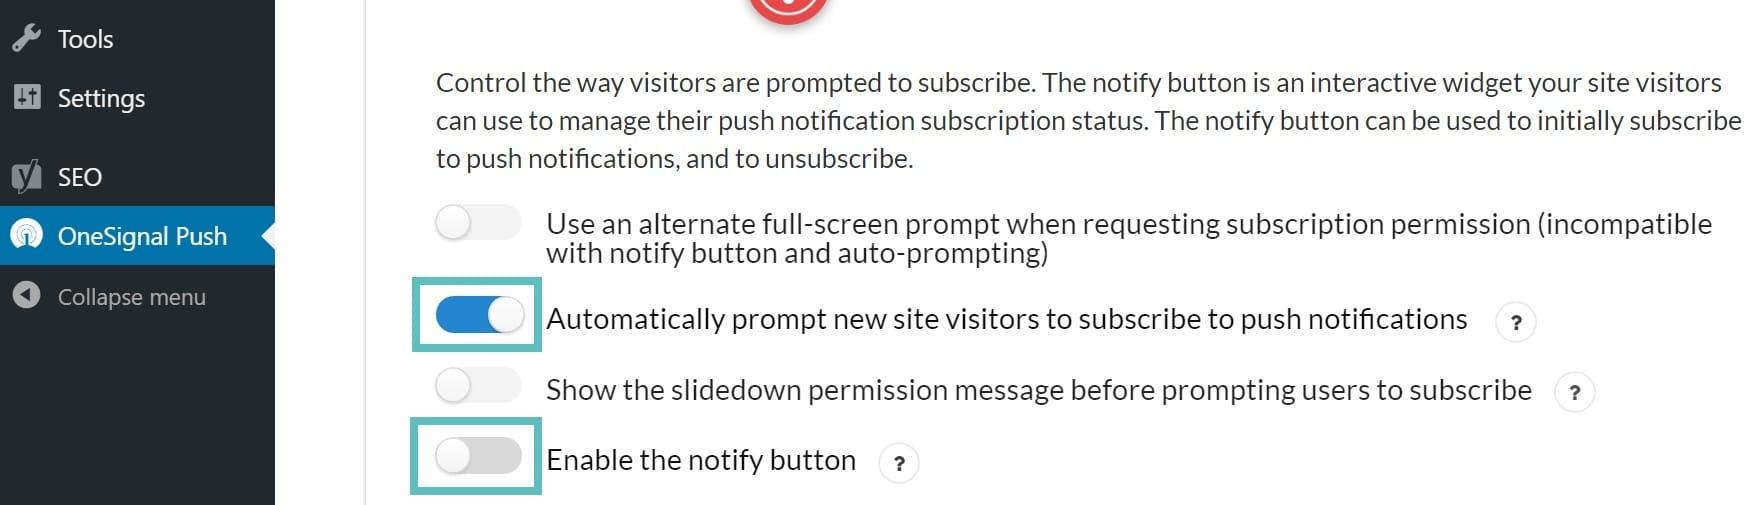 Uppmana användare automatiskt